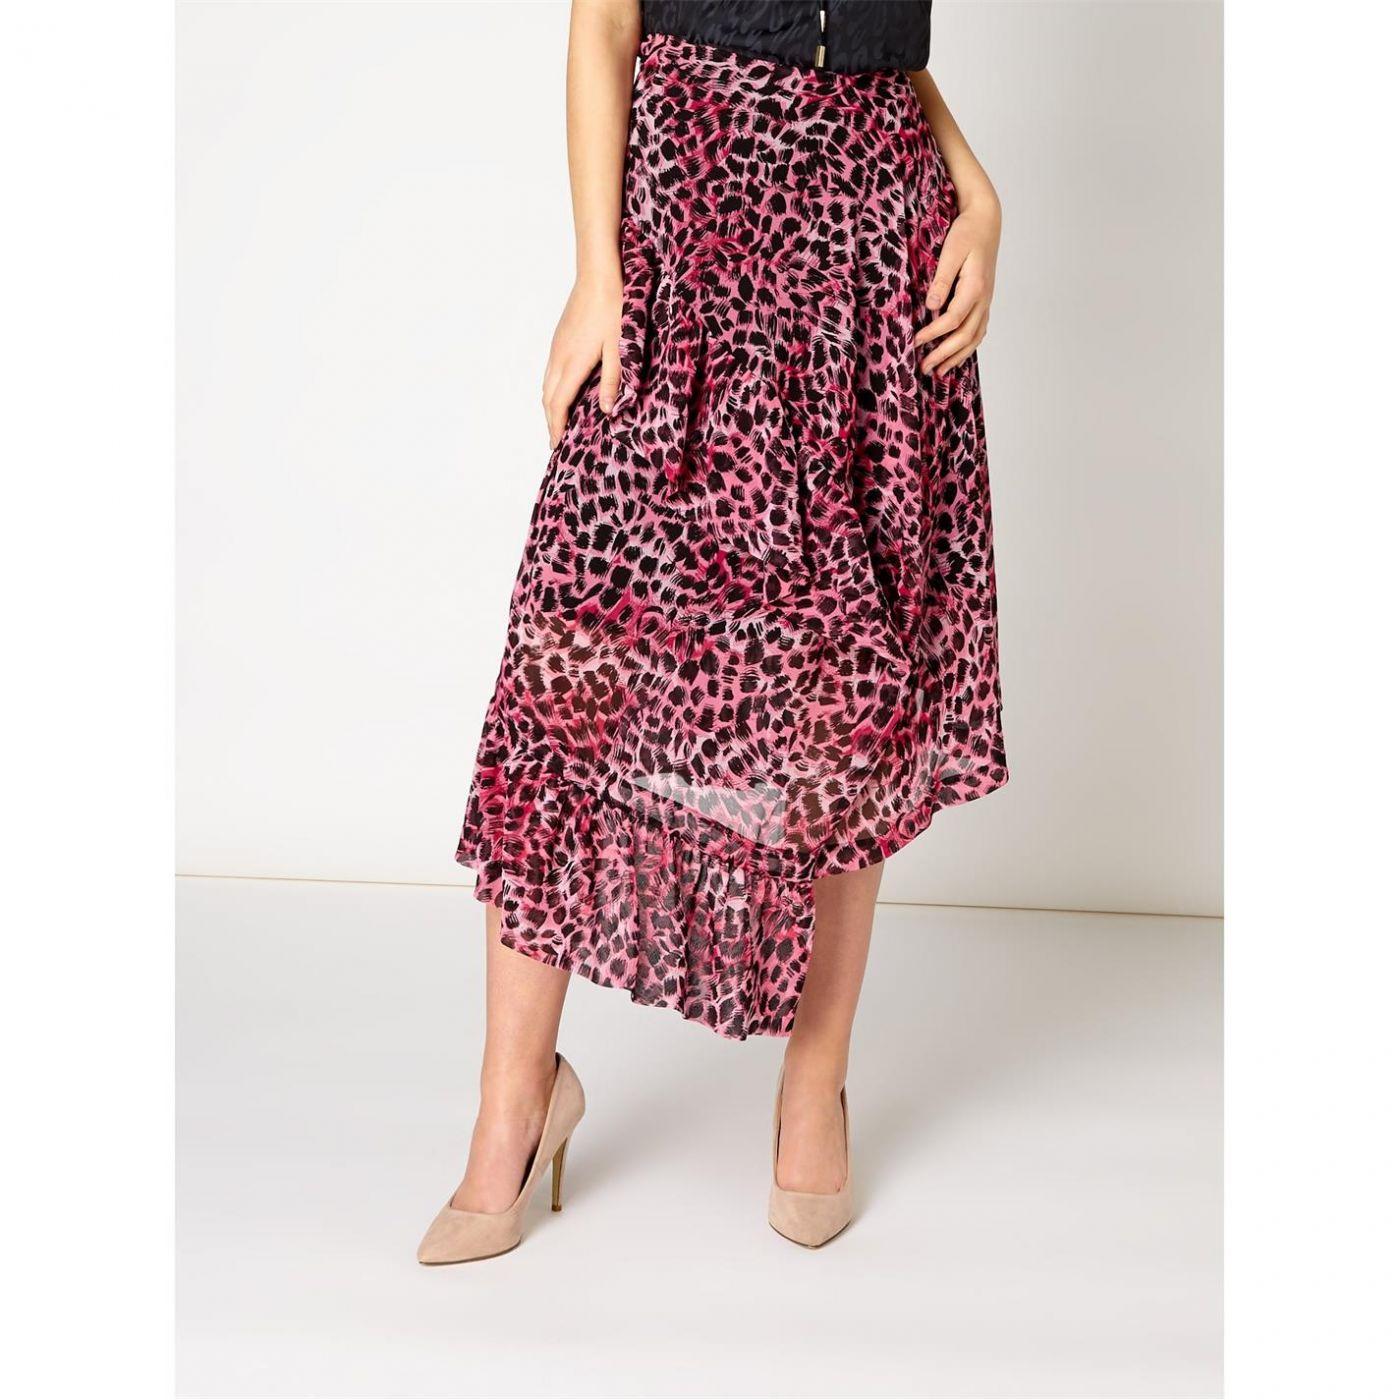 Biba Leopard Ruffle Skirt